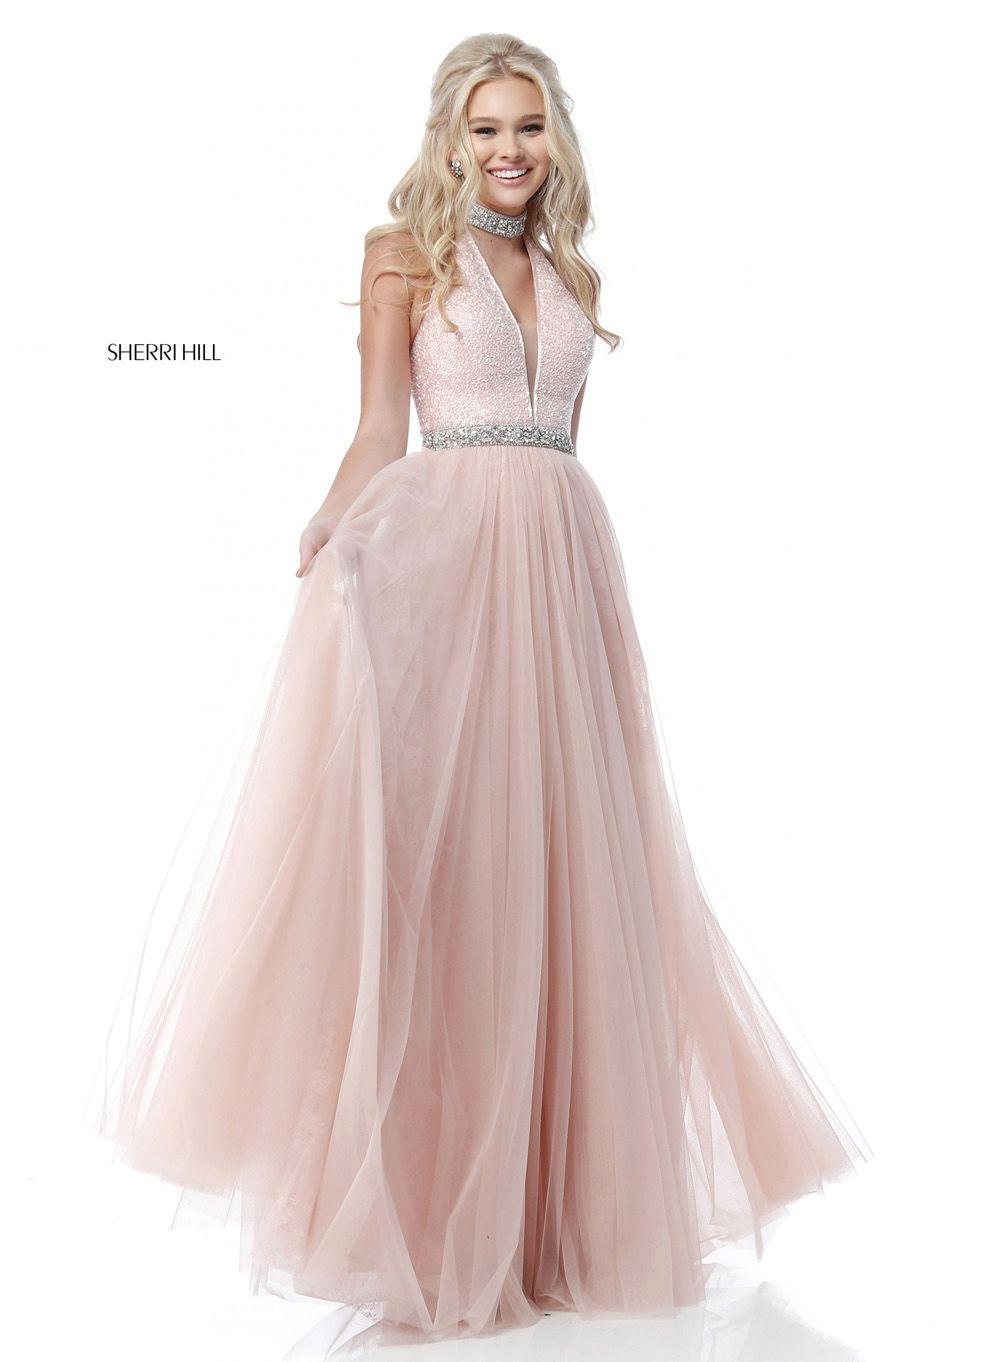 tendencia en vestidos de fiesta 2018 (41)